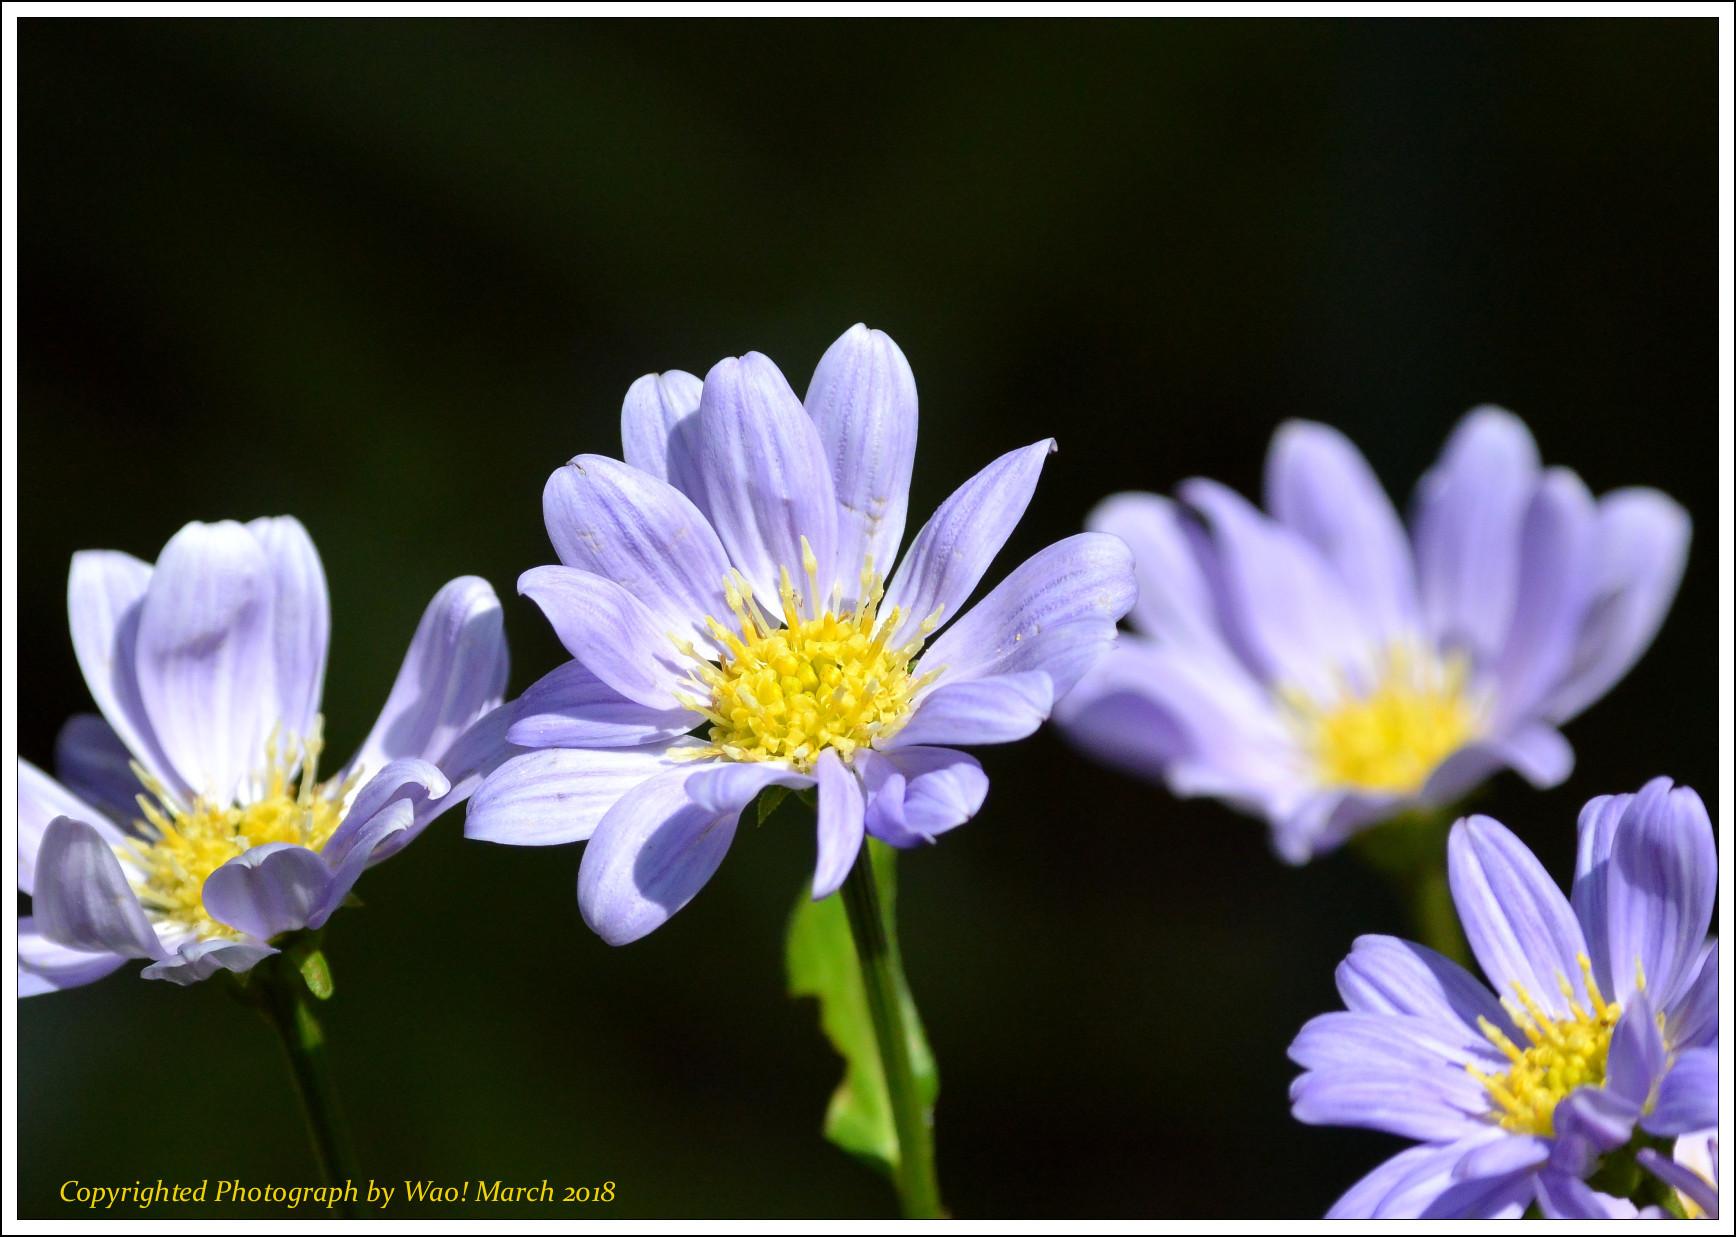 庭に咲く花 -1_c0198669_17440635.jpg